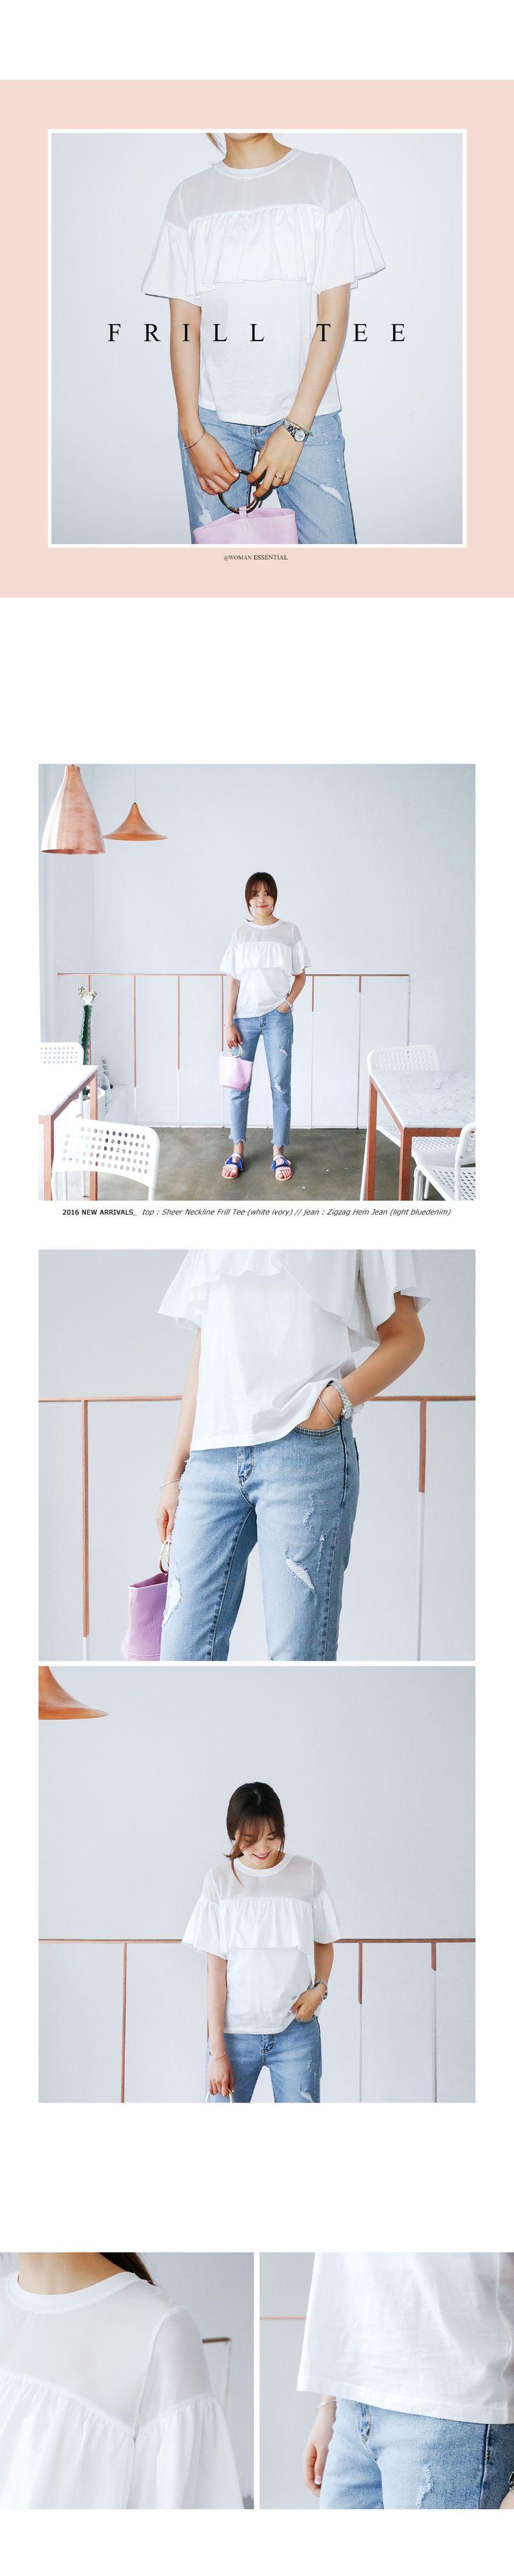 シースルーラッフルTシャツ・全3色トップス・カットソーカットソー・Tシャツ|レディースファッション通販 DHOLICディーホリック [ファストファッション 水着 ワンピース]